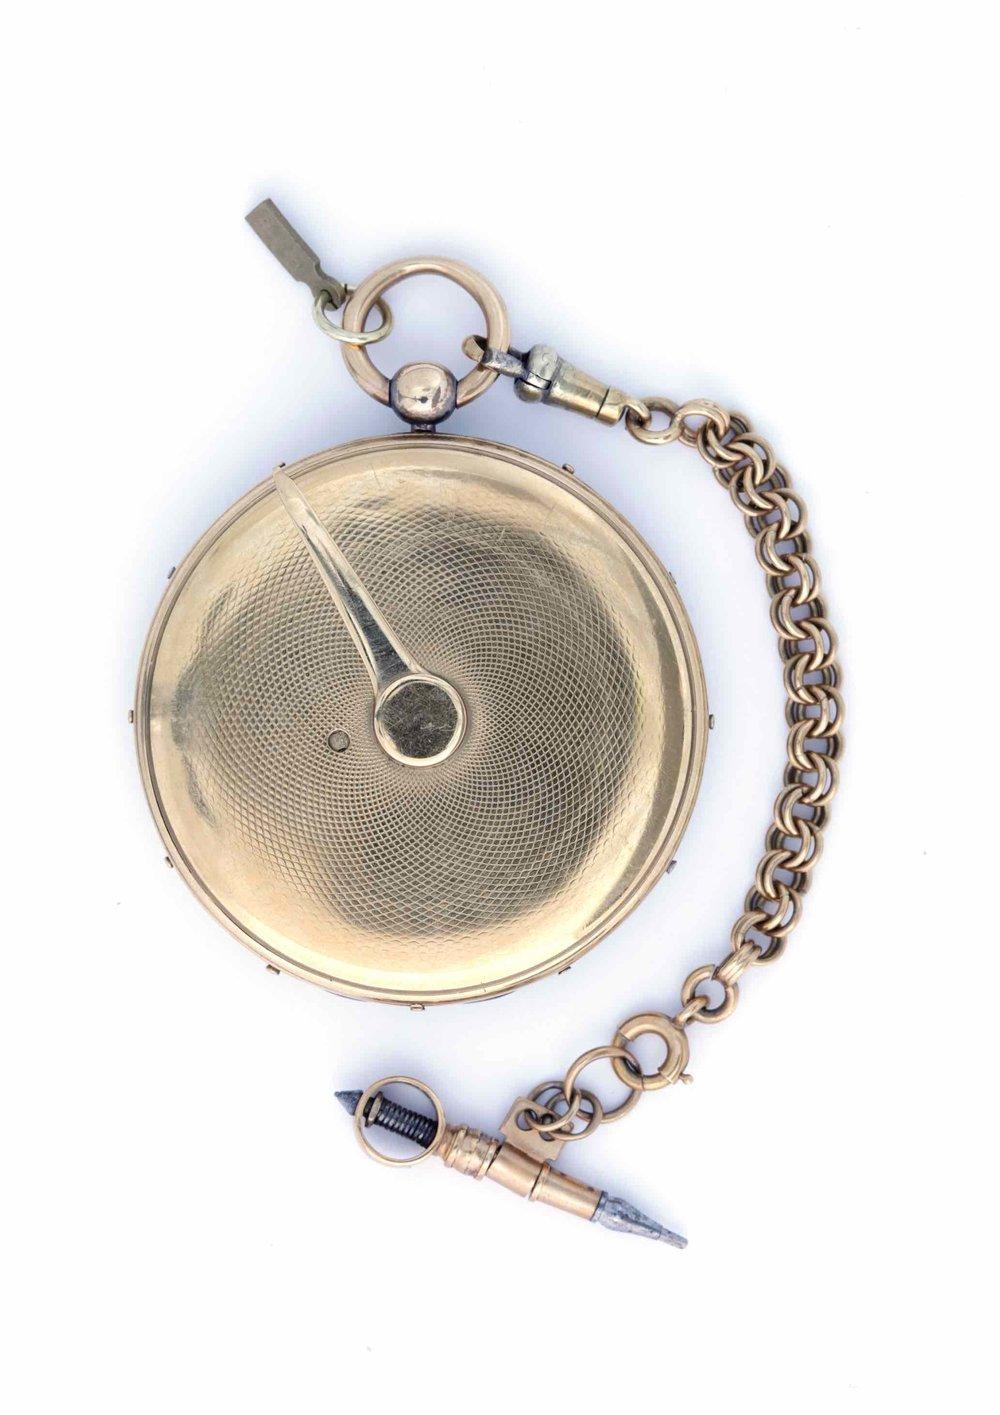 Breguet Pocket watch ©  Musée international d'horlogerie de La Chaux-de-Fonds.